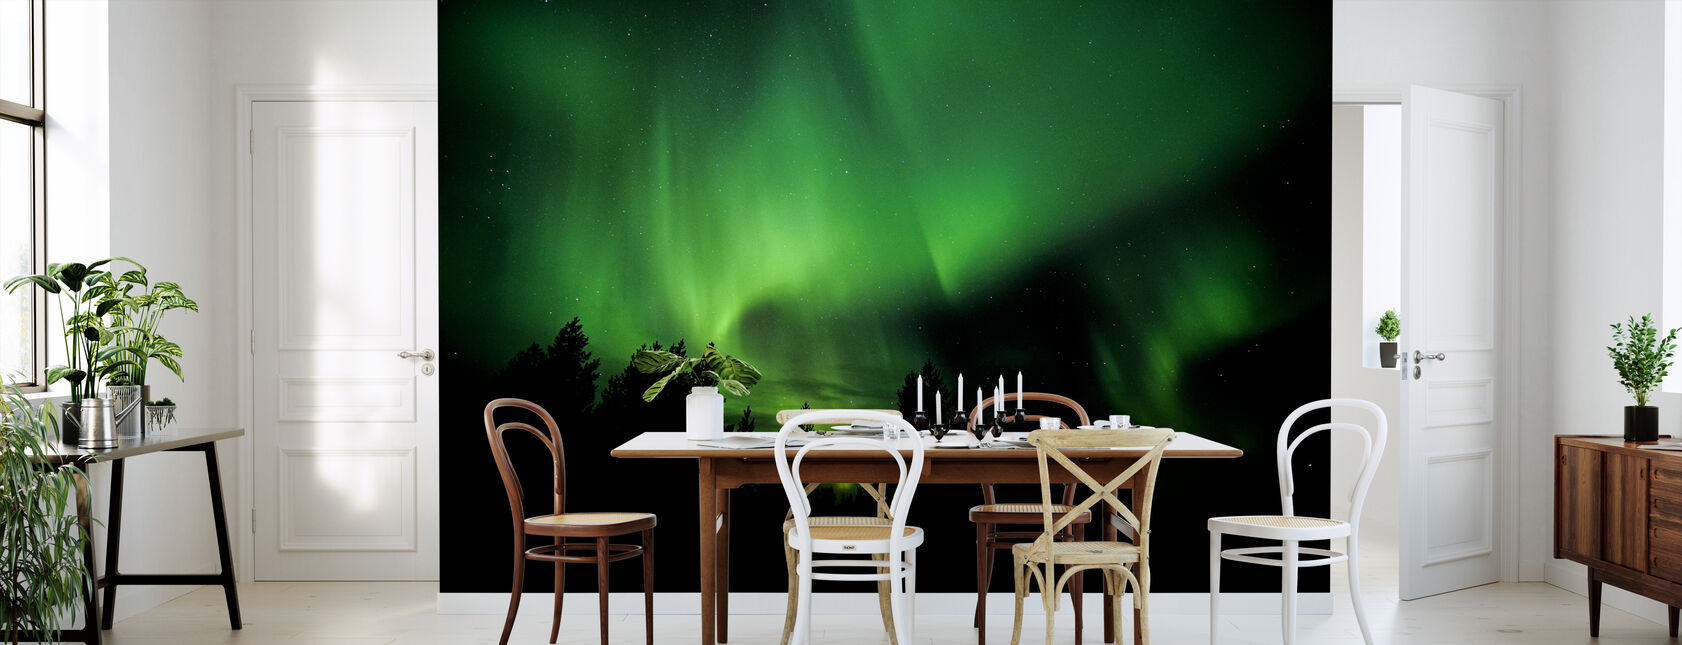 Aurora - Wallpaper - Kitchen